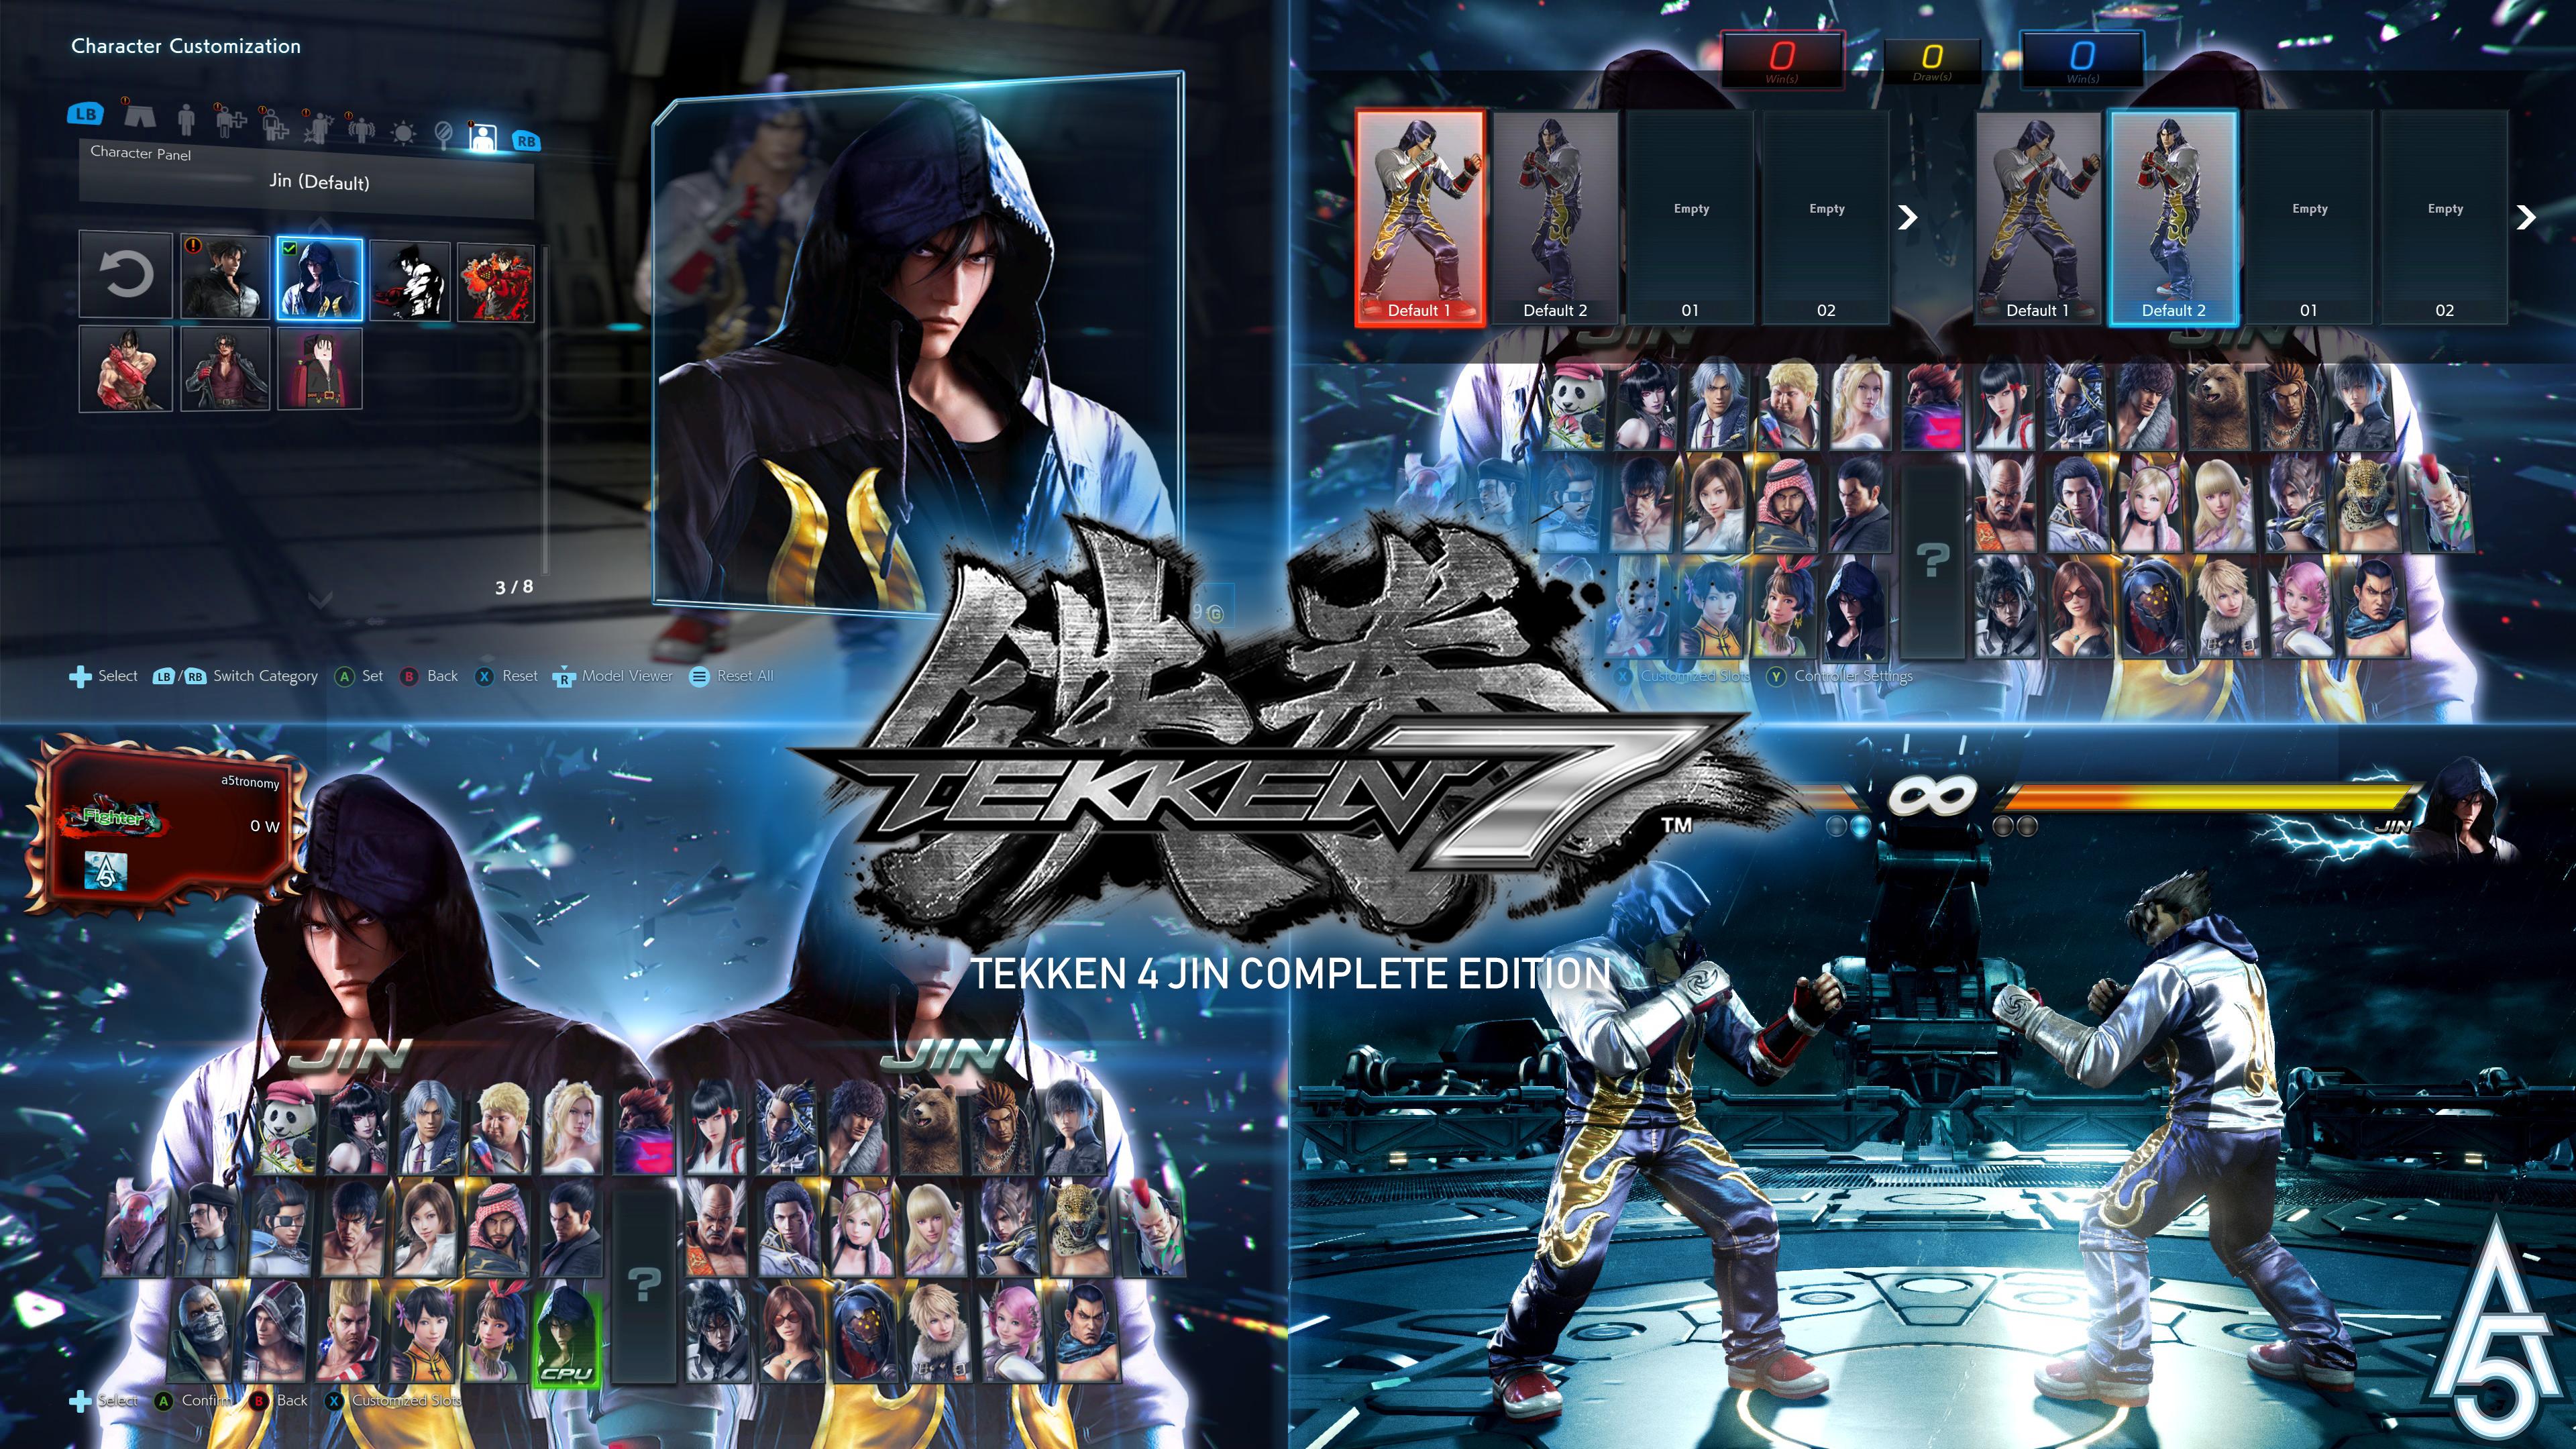 Tekken 7 Tekken 4 Jin Complete Edition Mod V2 By A5tronomy On